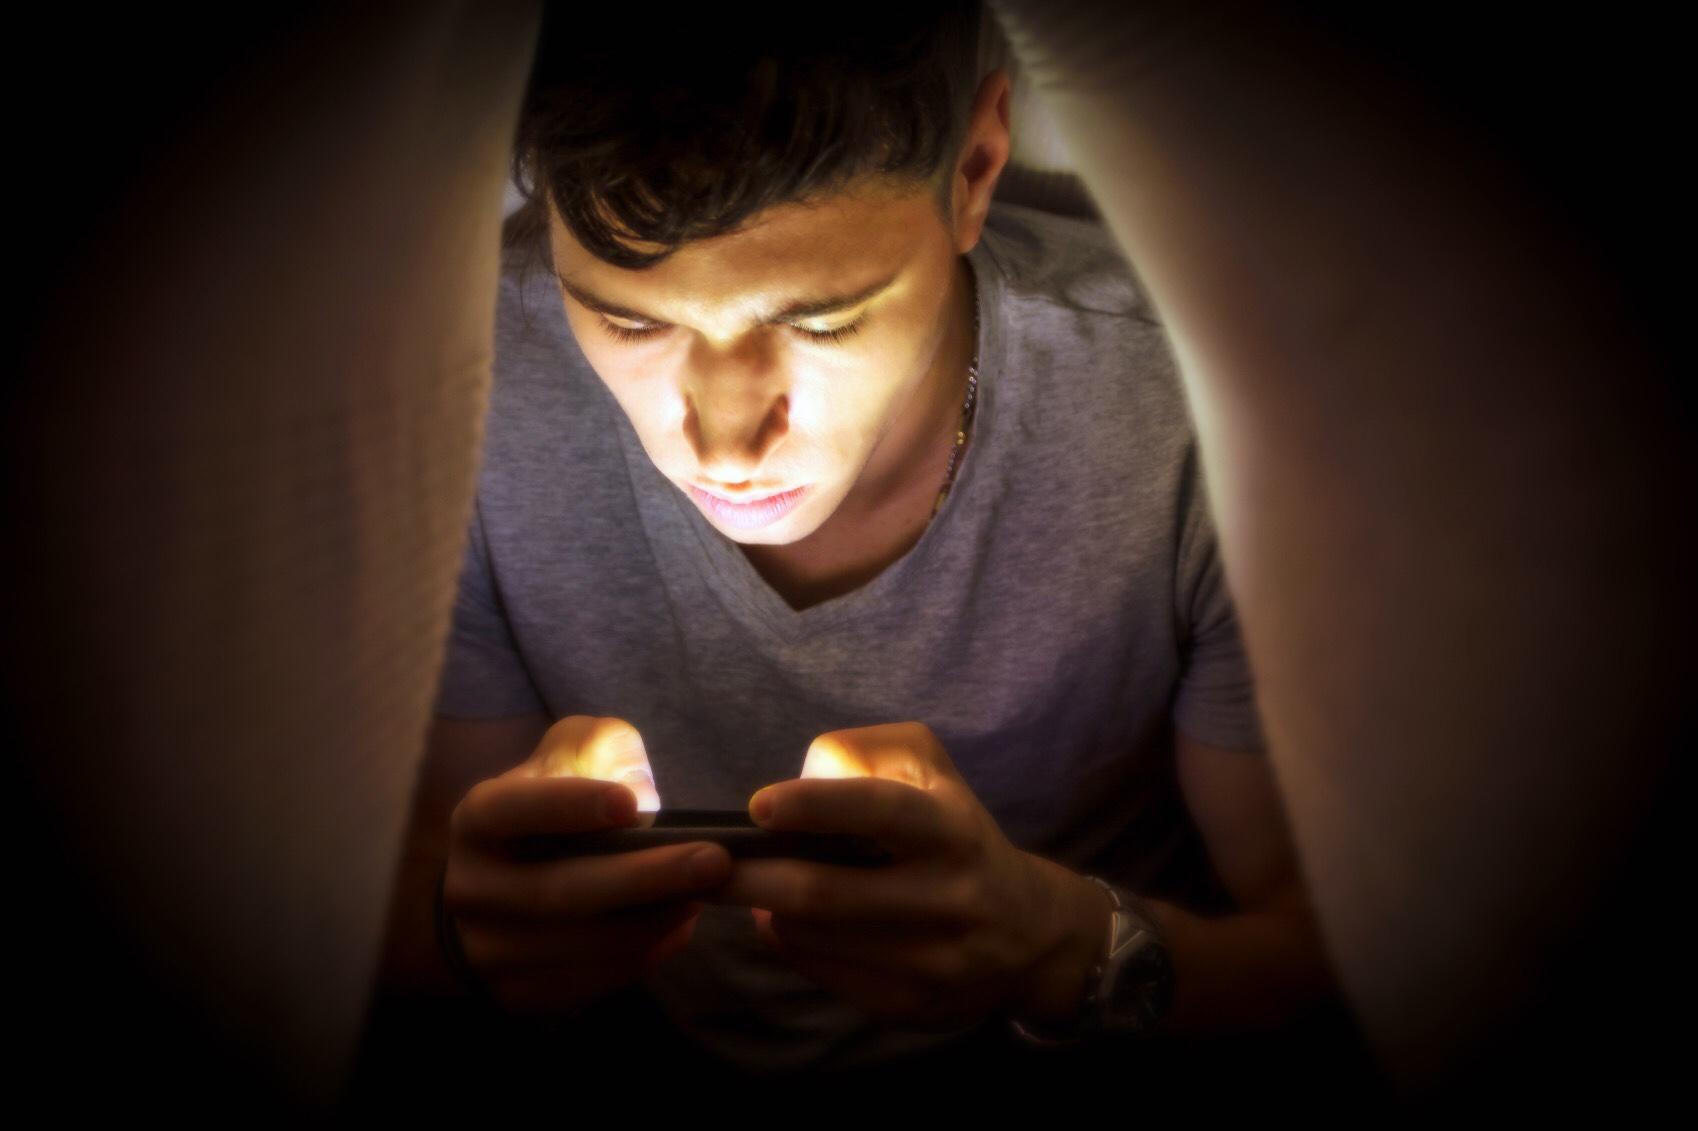 Modernidad: apps para que la soledad no sea un problema - Radio Cantilo